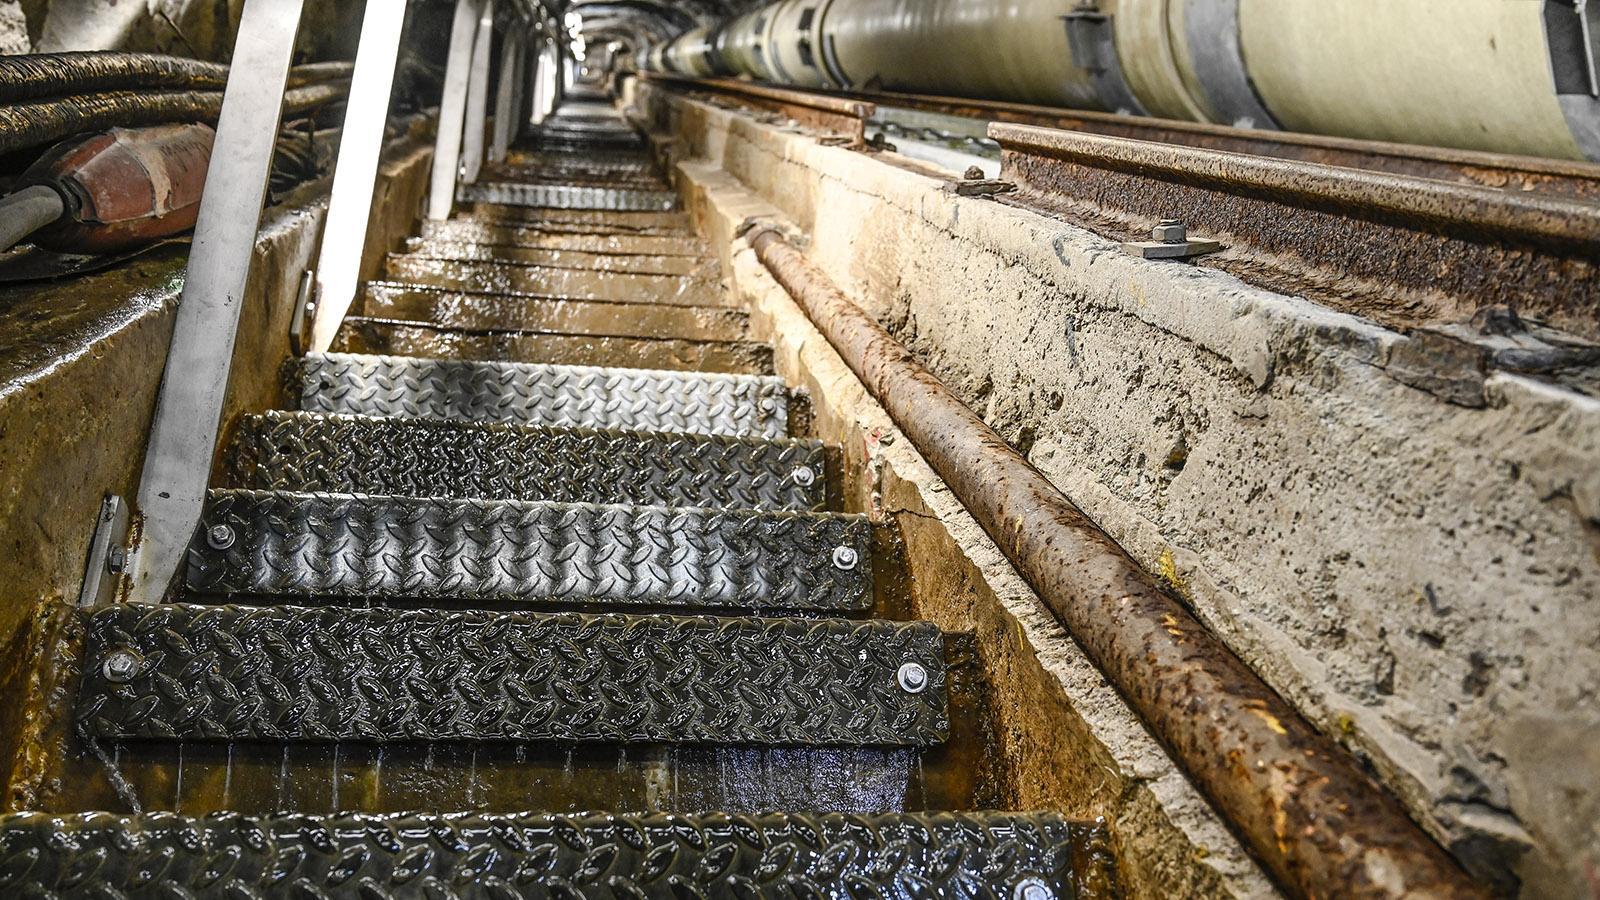 Die Wasserleistung des Artouste-Kraftwerks am Stausee Lac d'Artouste. Foto: Hilke Maunder